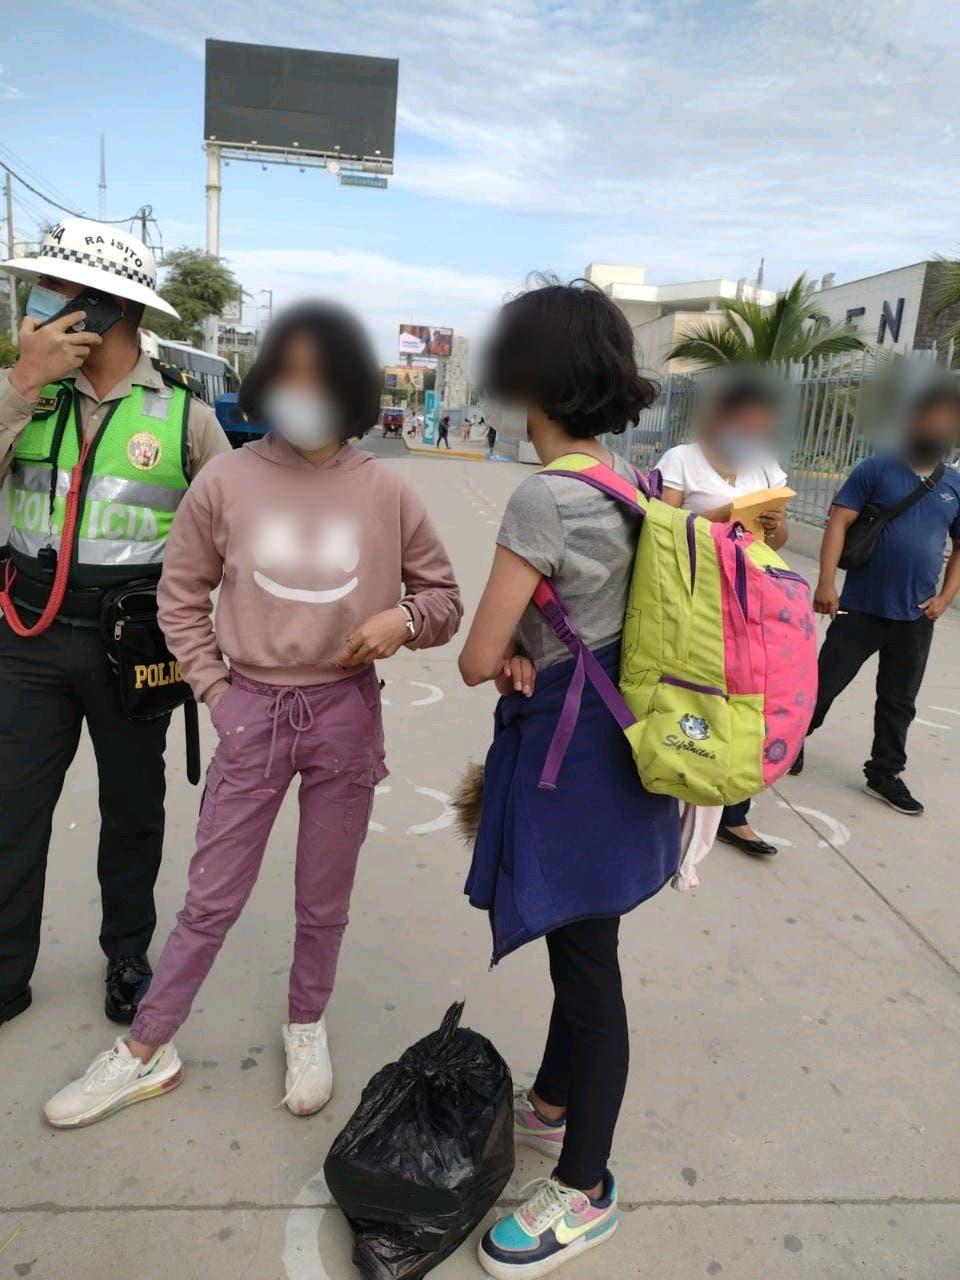 Policía de Ecuador localiza en Perú a dos menores venezolanas desaparecidas